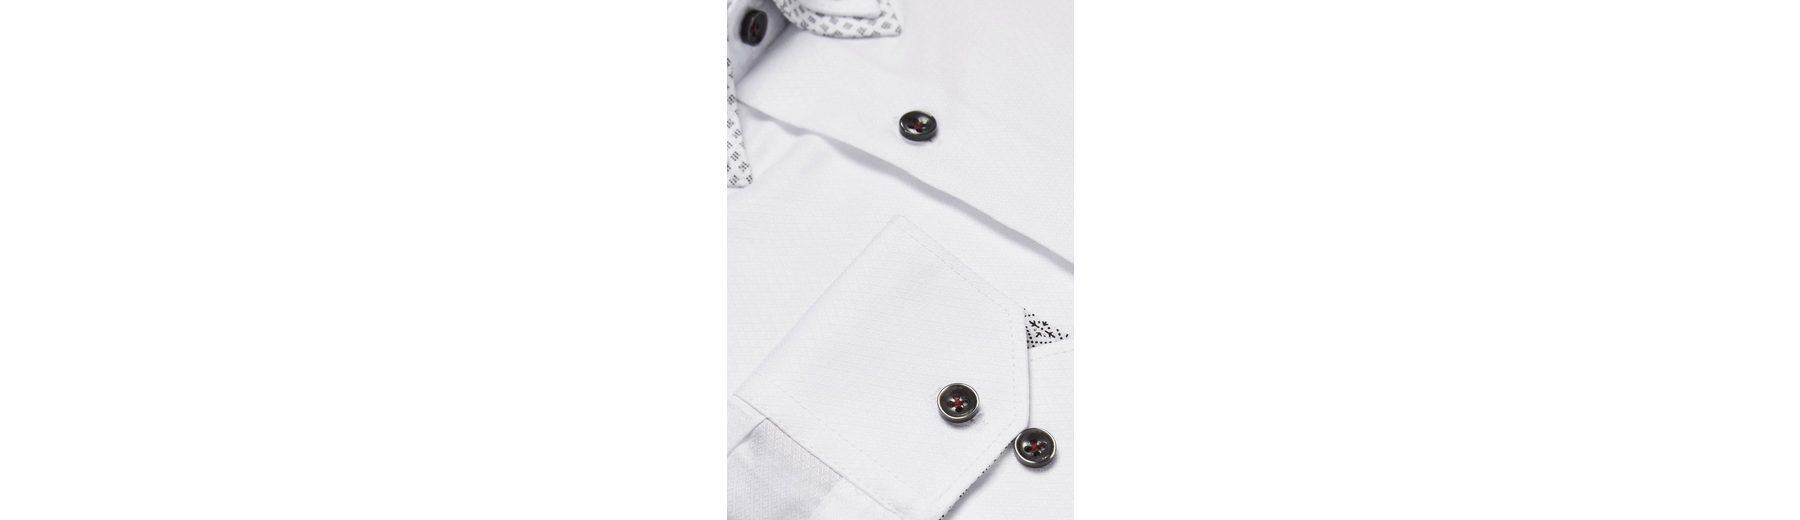 Next Gemustertes Hemd mit Doppelkragen Viele Arten Von Verkauf Genießen Niedrigsten Preis Online Verkauf Besten Großhandels 05MmsF